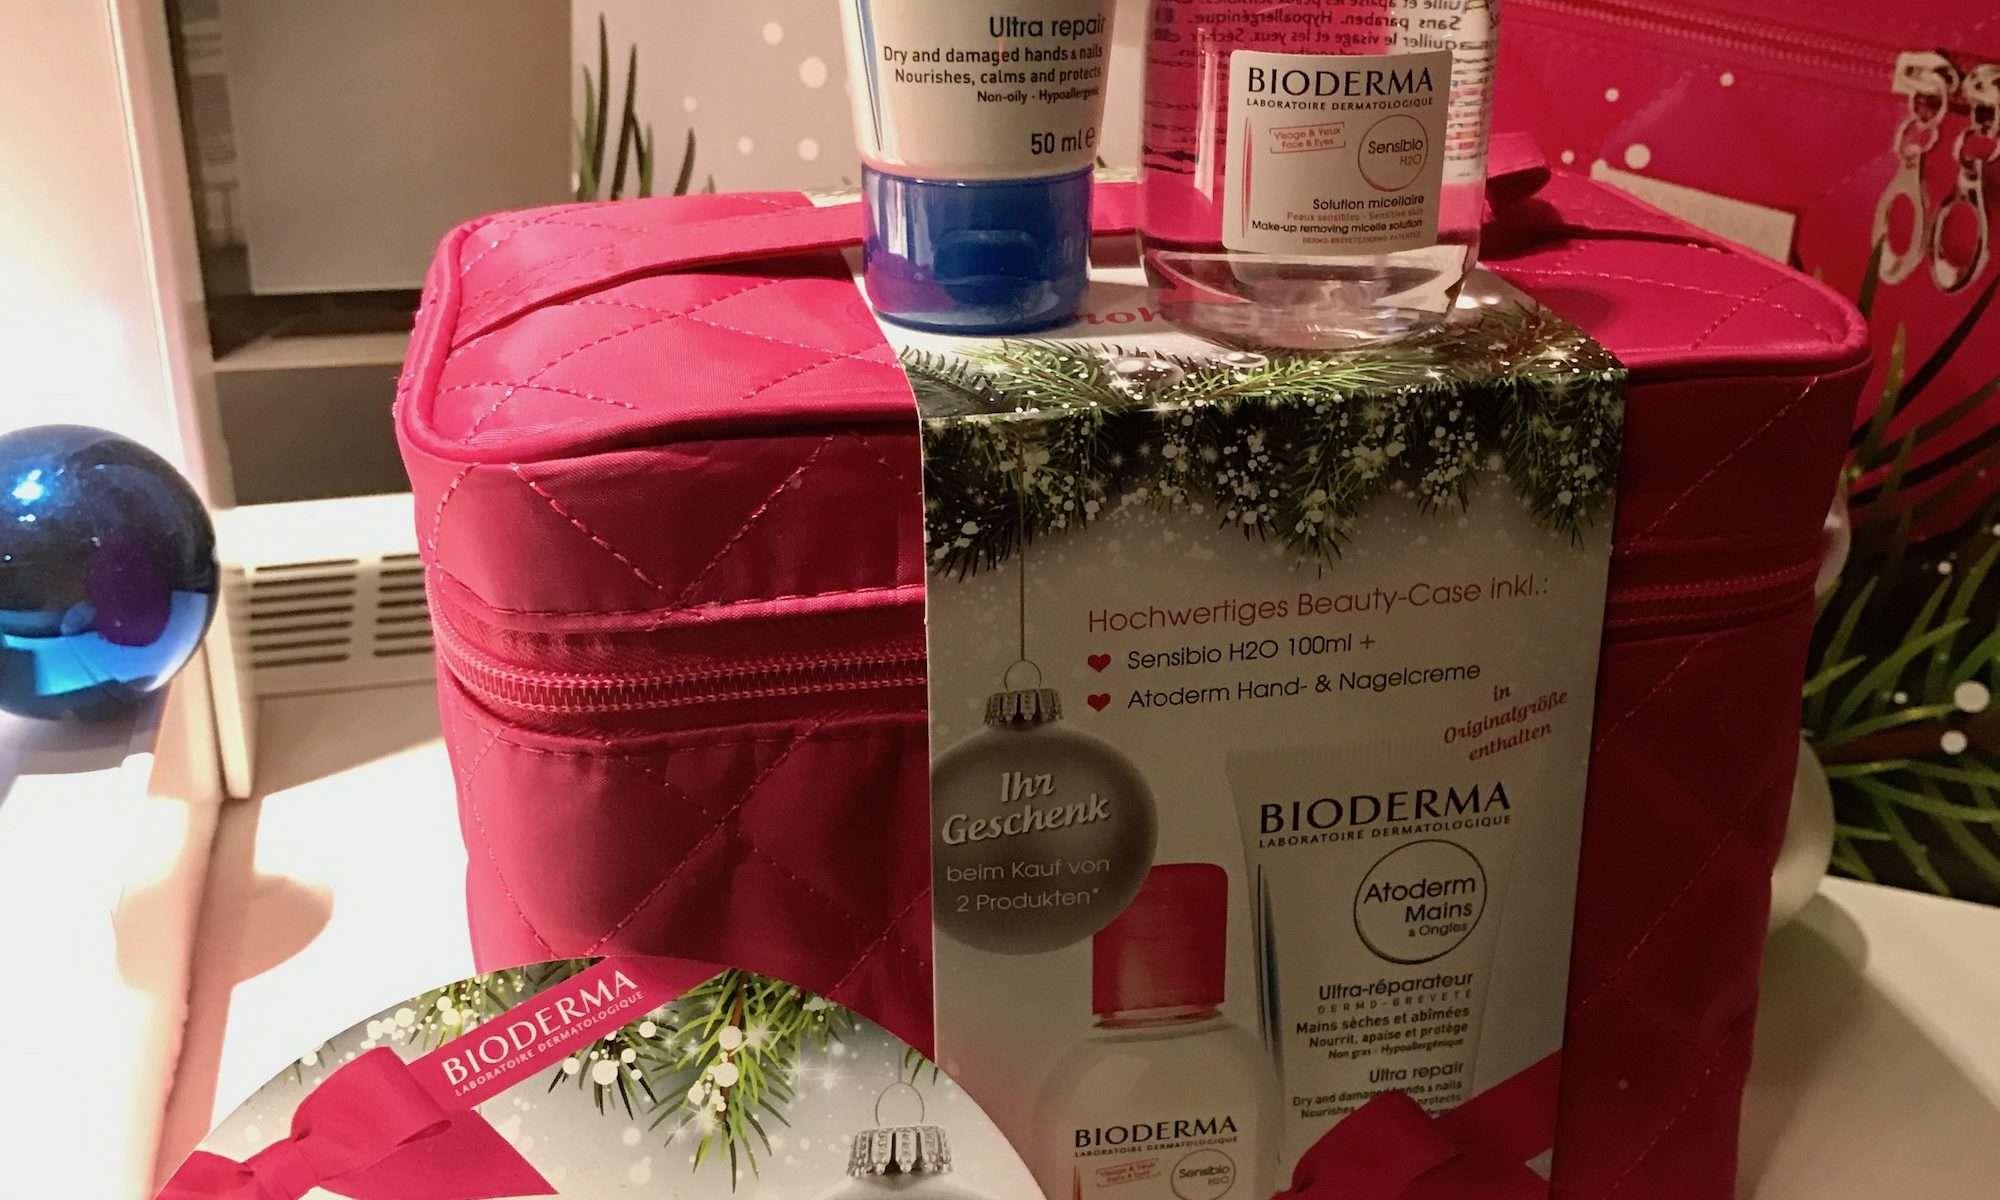 Bioderma Beauty Case